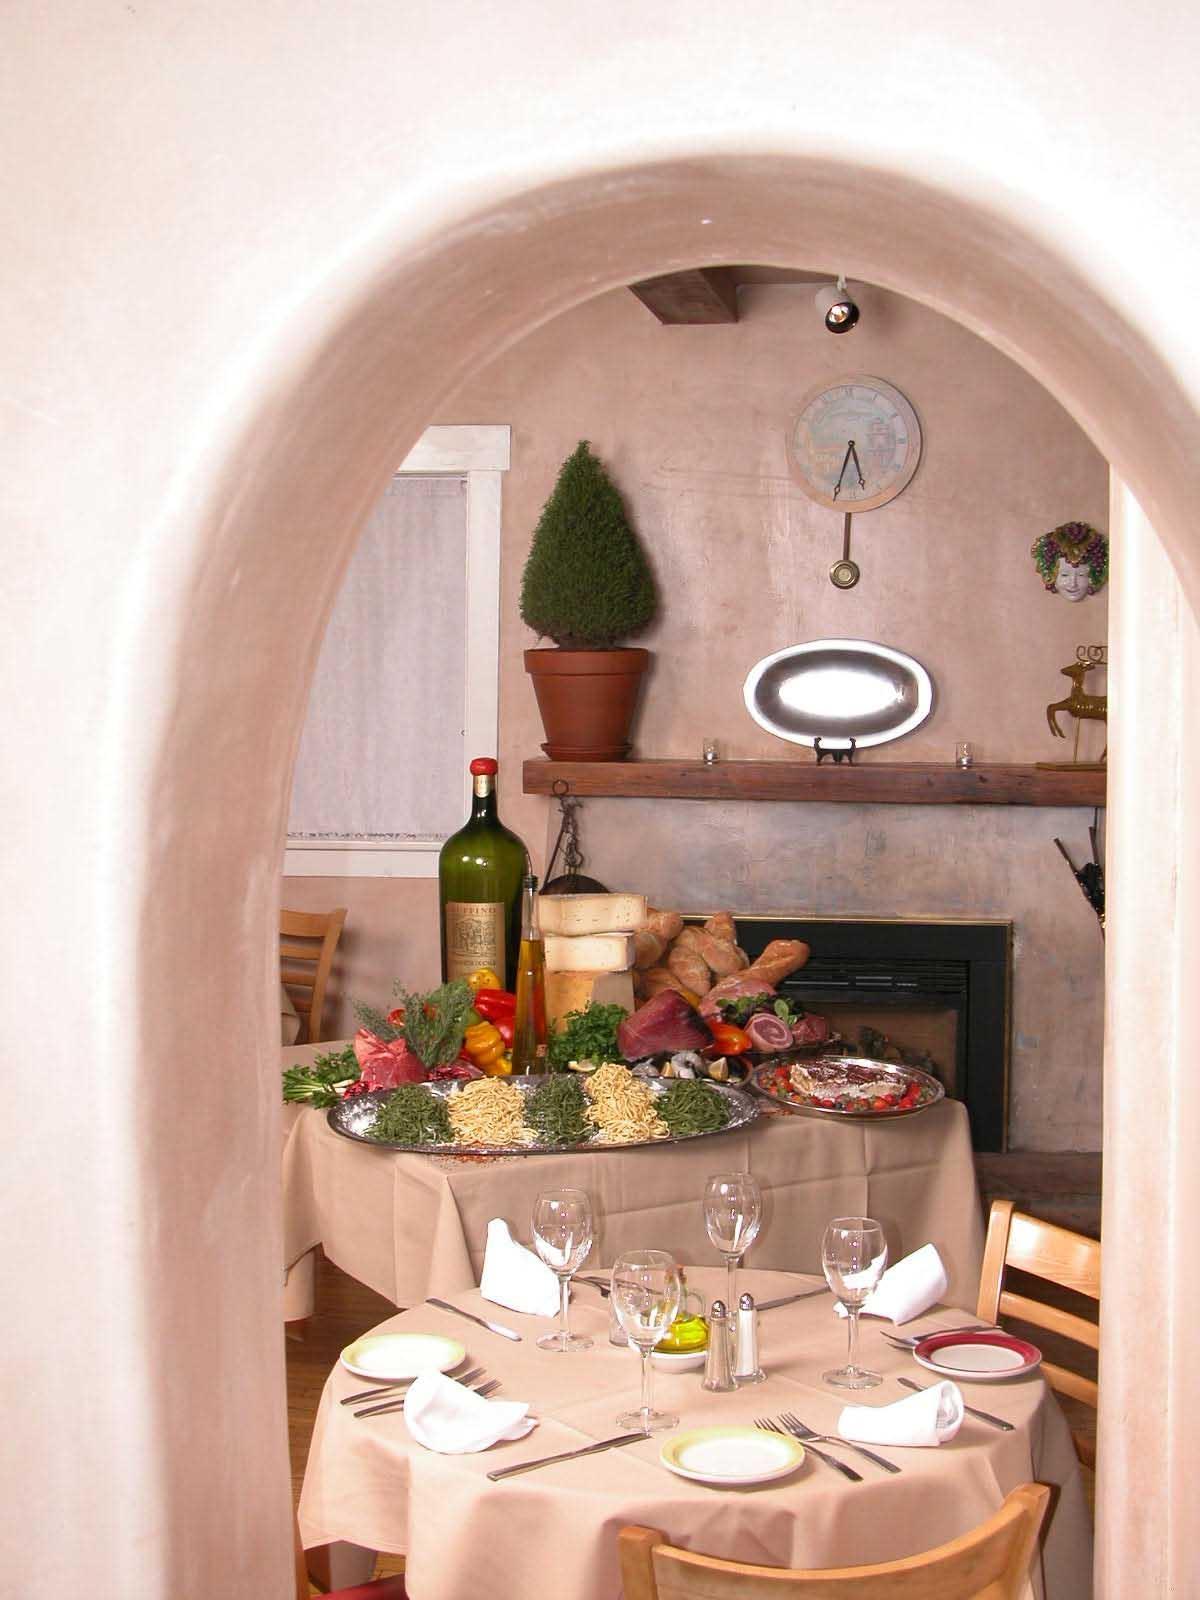 Osteria d'Assisi Restaurant & Bar